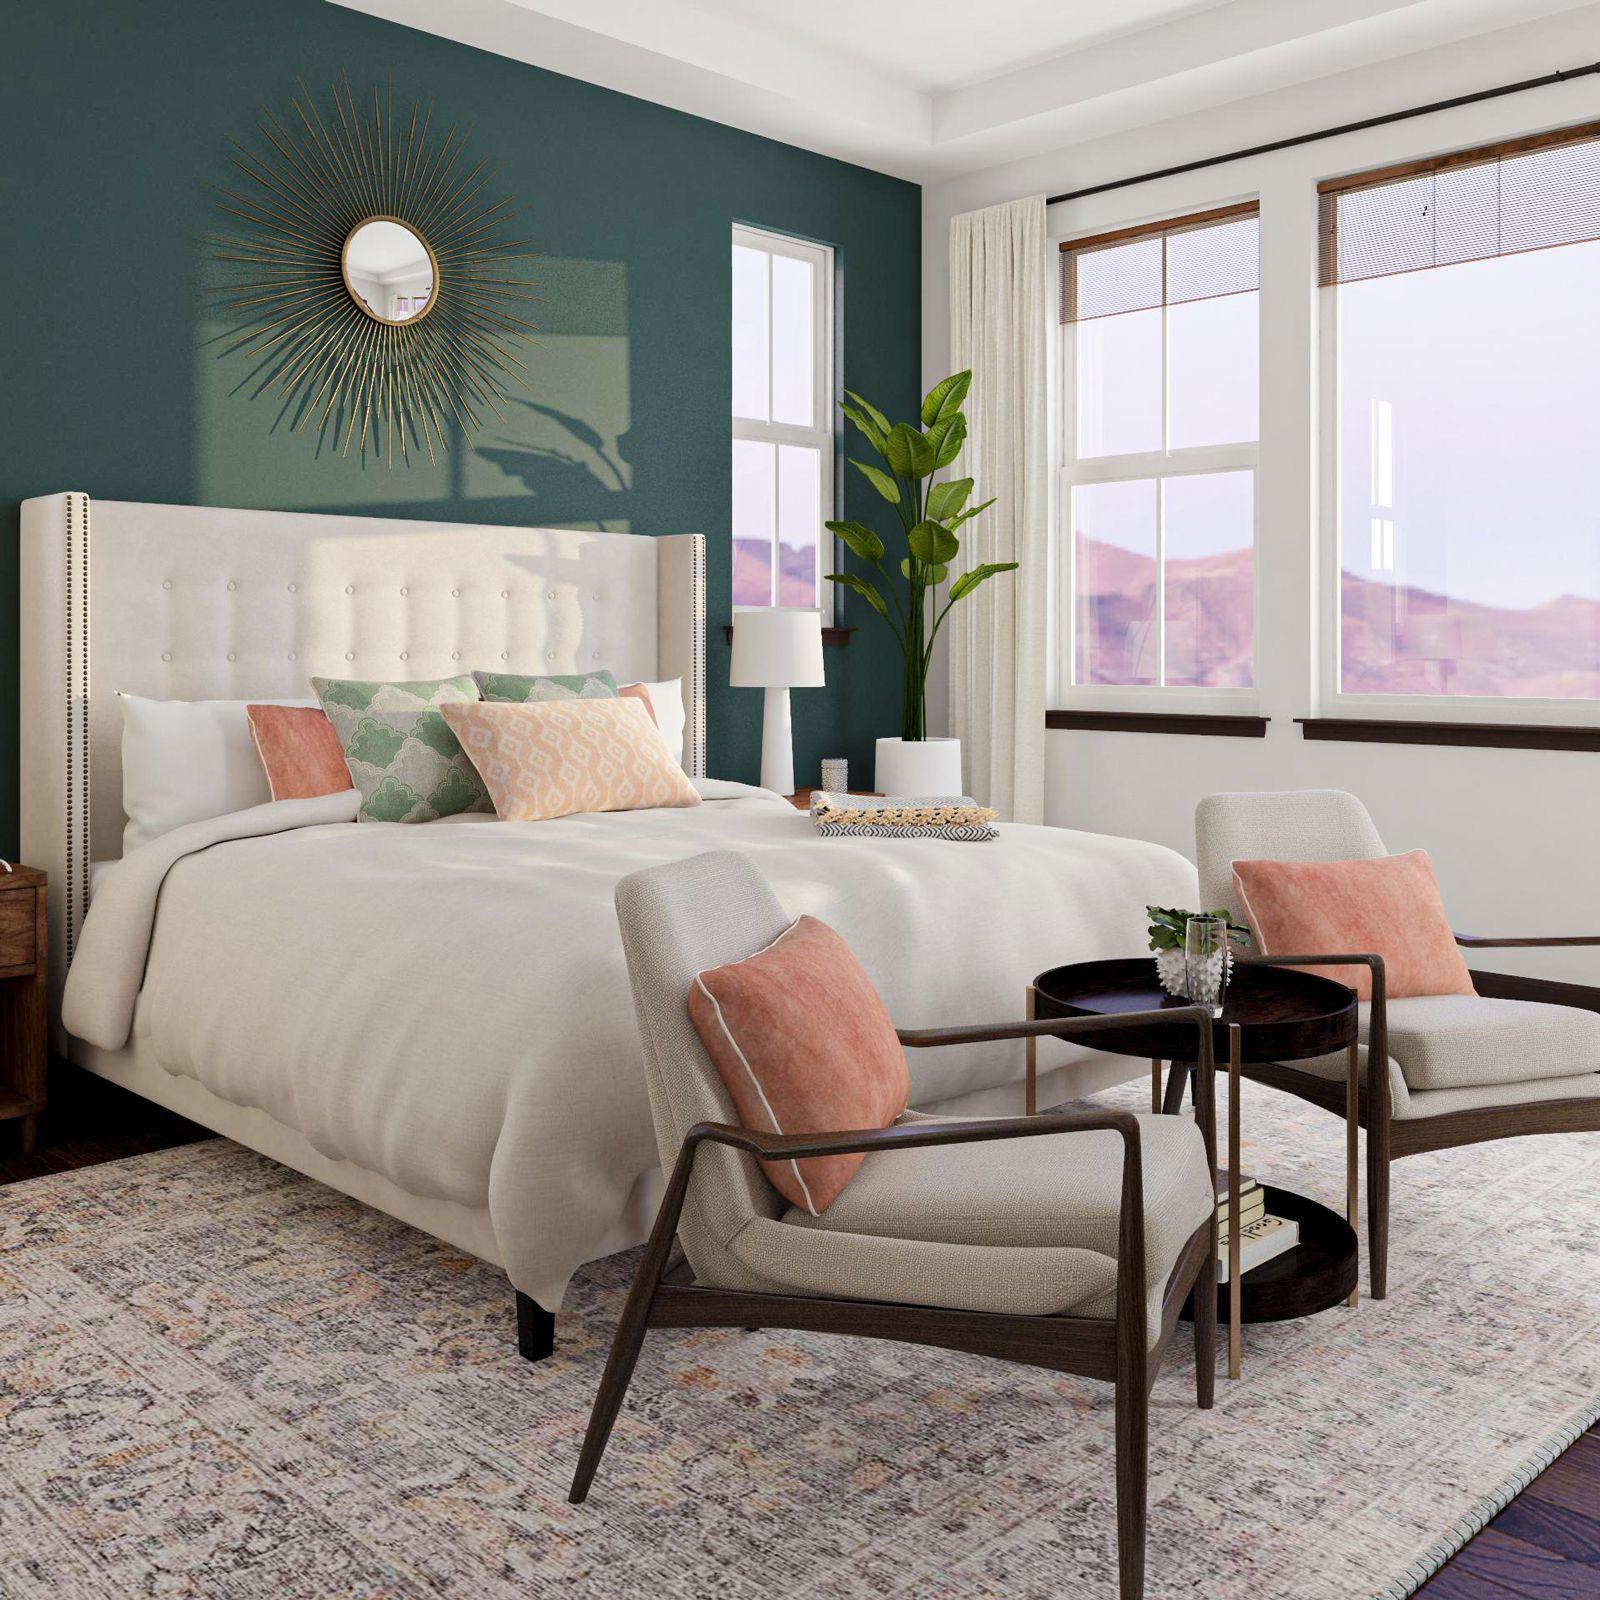 230 Mid Century Bedrooms Ideas In 2021 Modern Bedroom Design Mid Century Modern Bedroom Bedroom Design